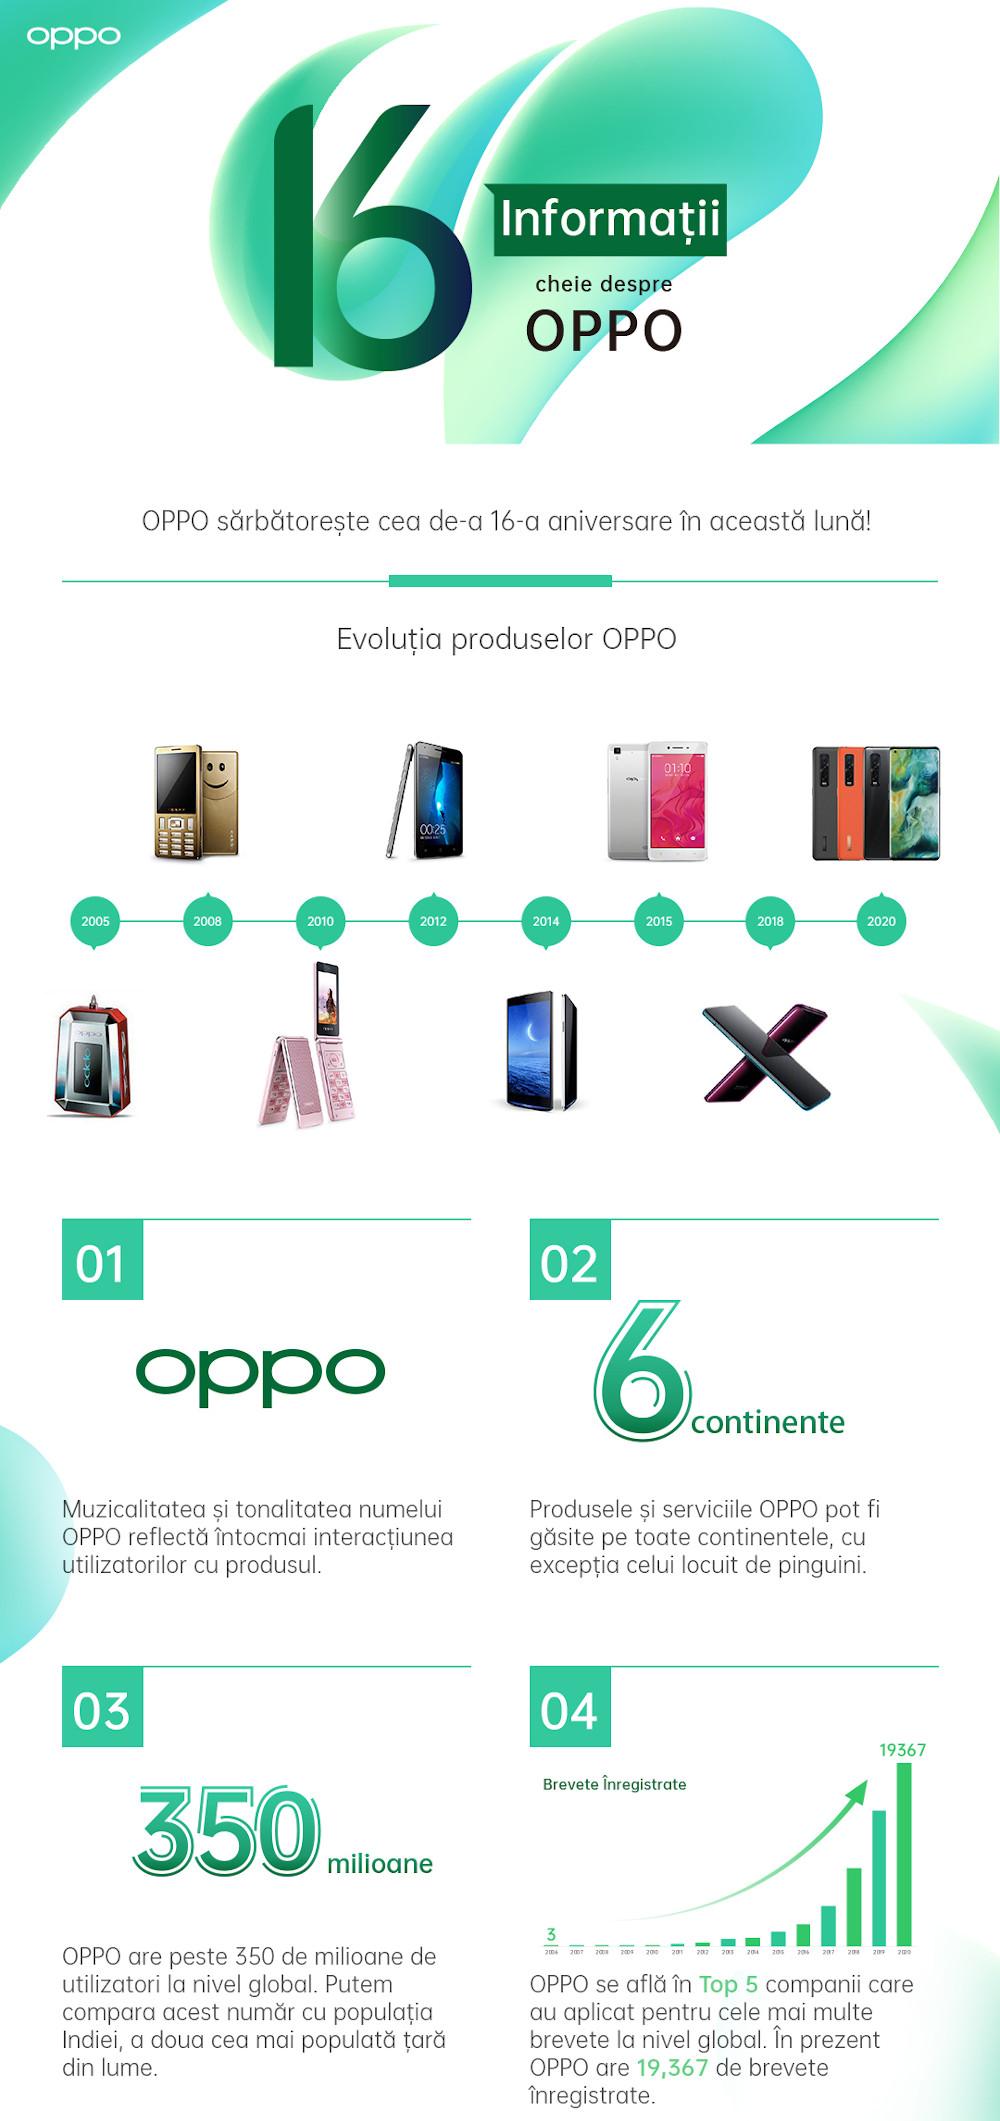 16 informatii cheie despre OPPO 1